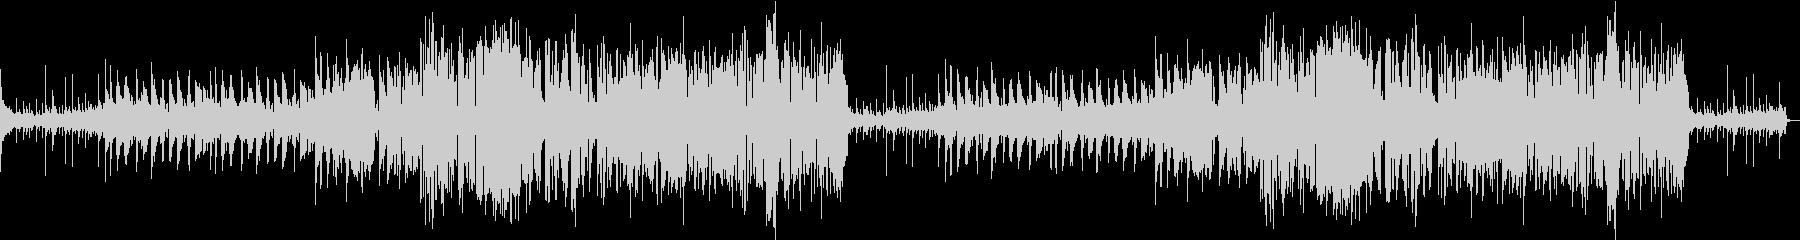 フルートとサックスの軽快なジャズの未再生の波形